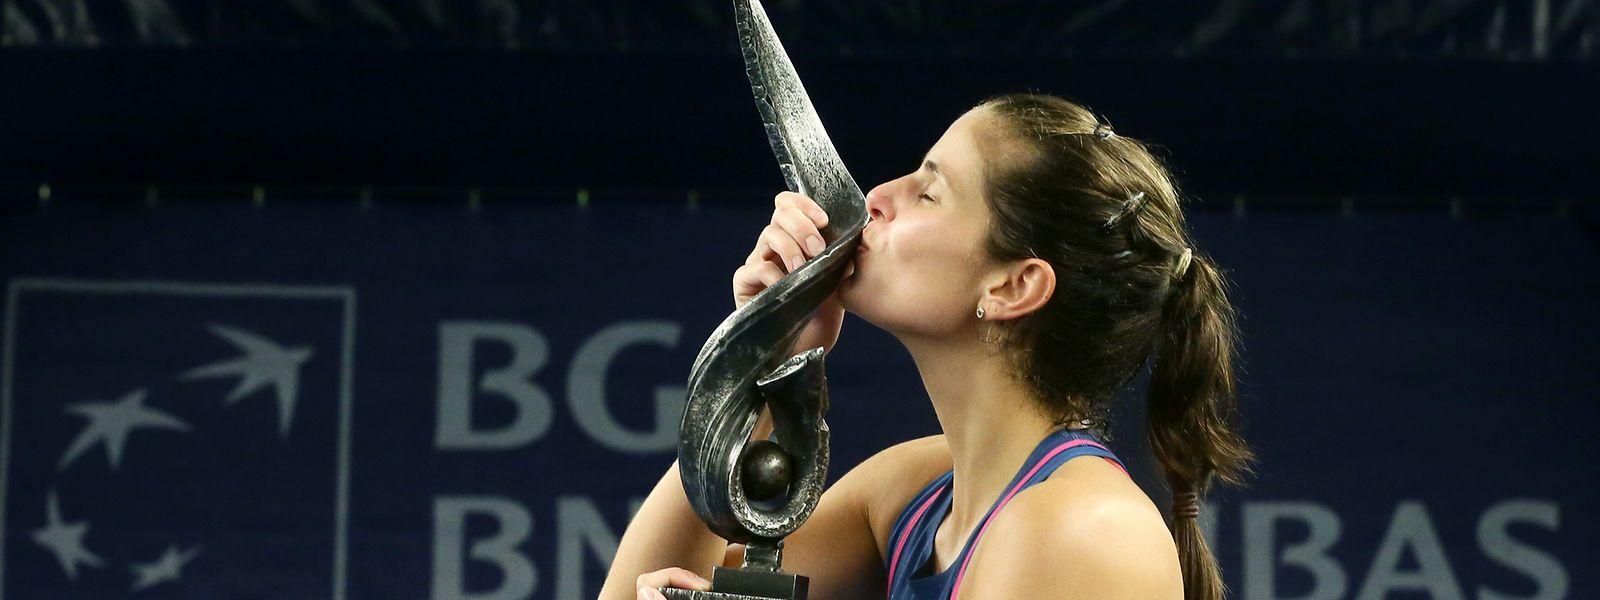 Julia Goerges gewann die BGL BNP Paribas Luxembourg Open 2018.